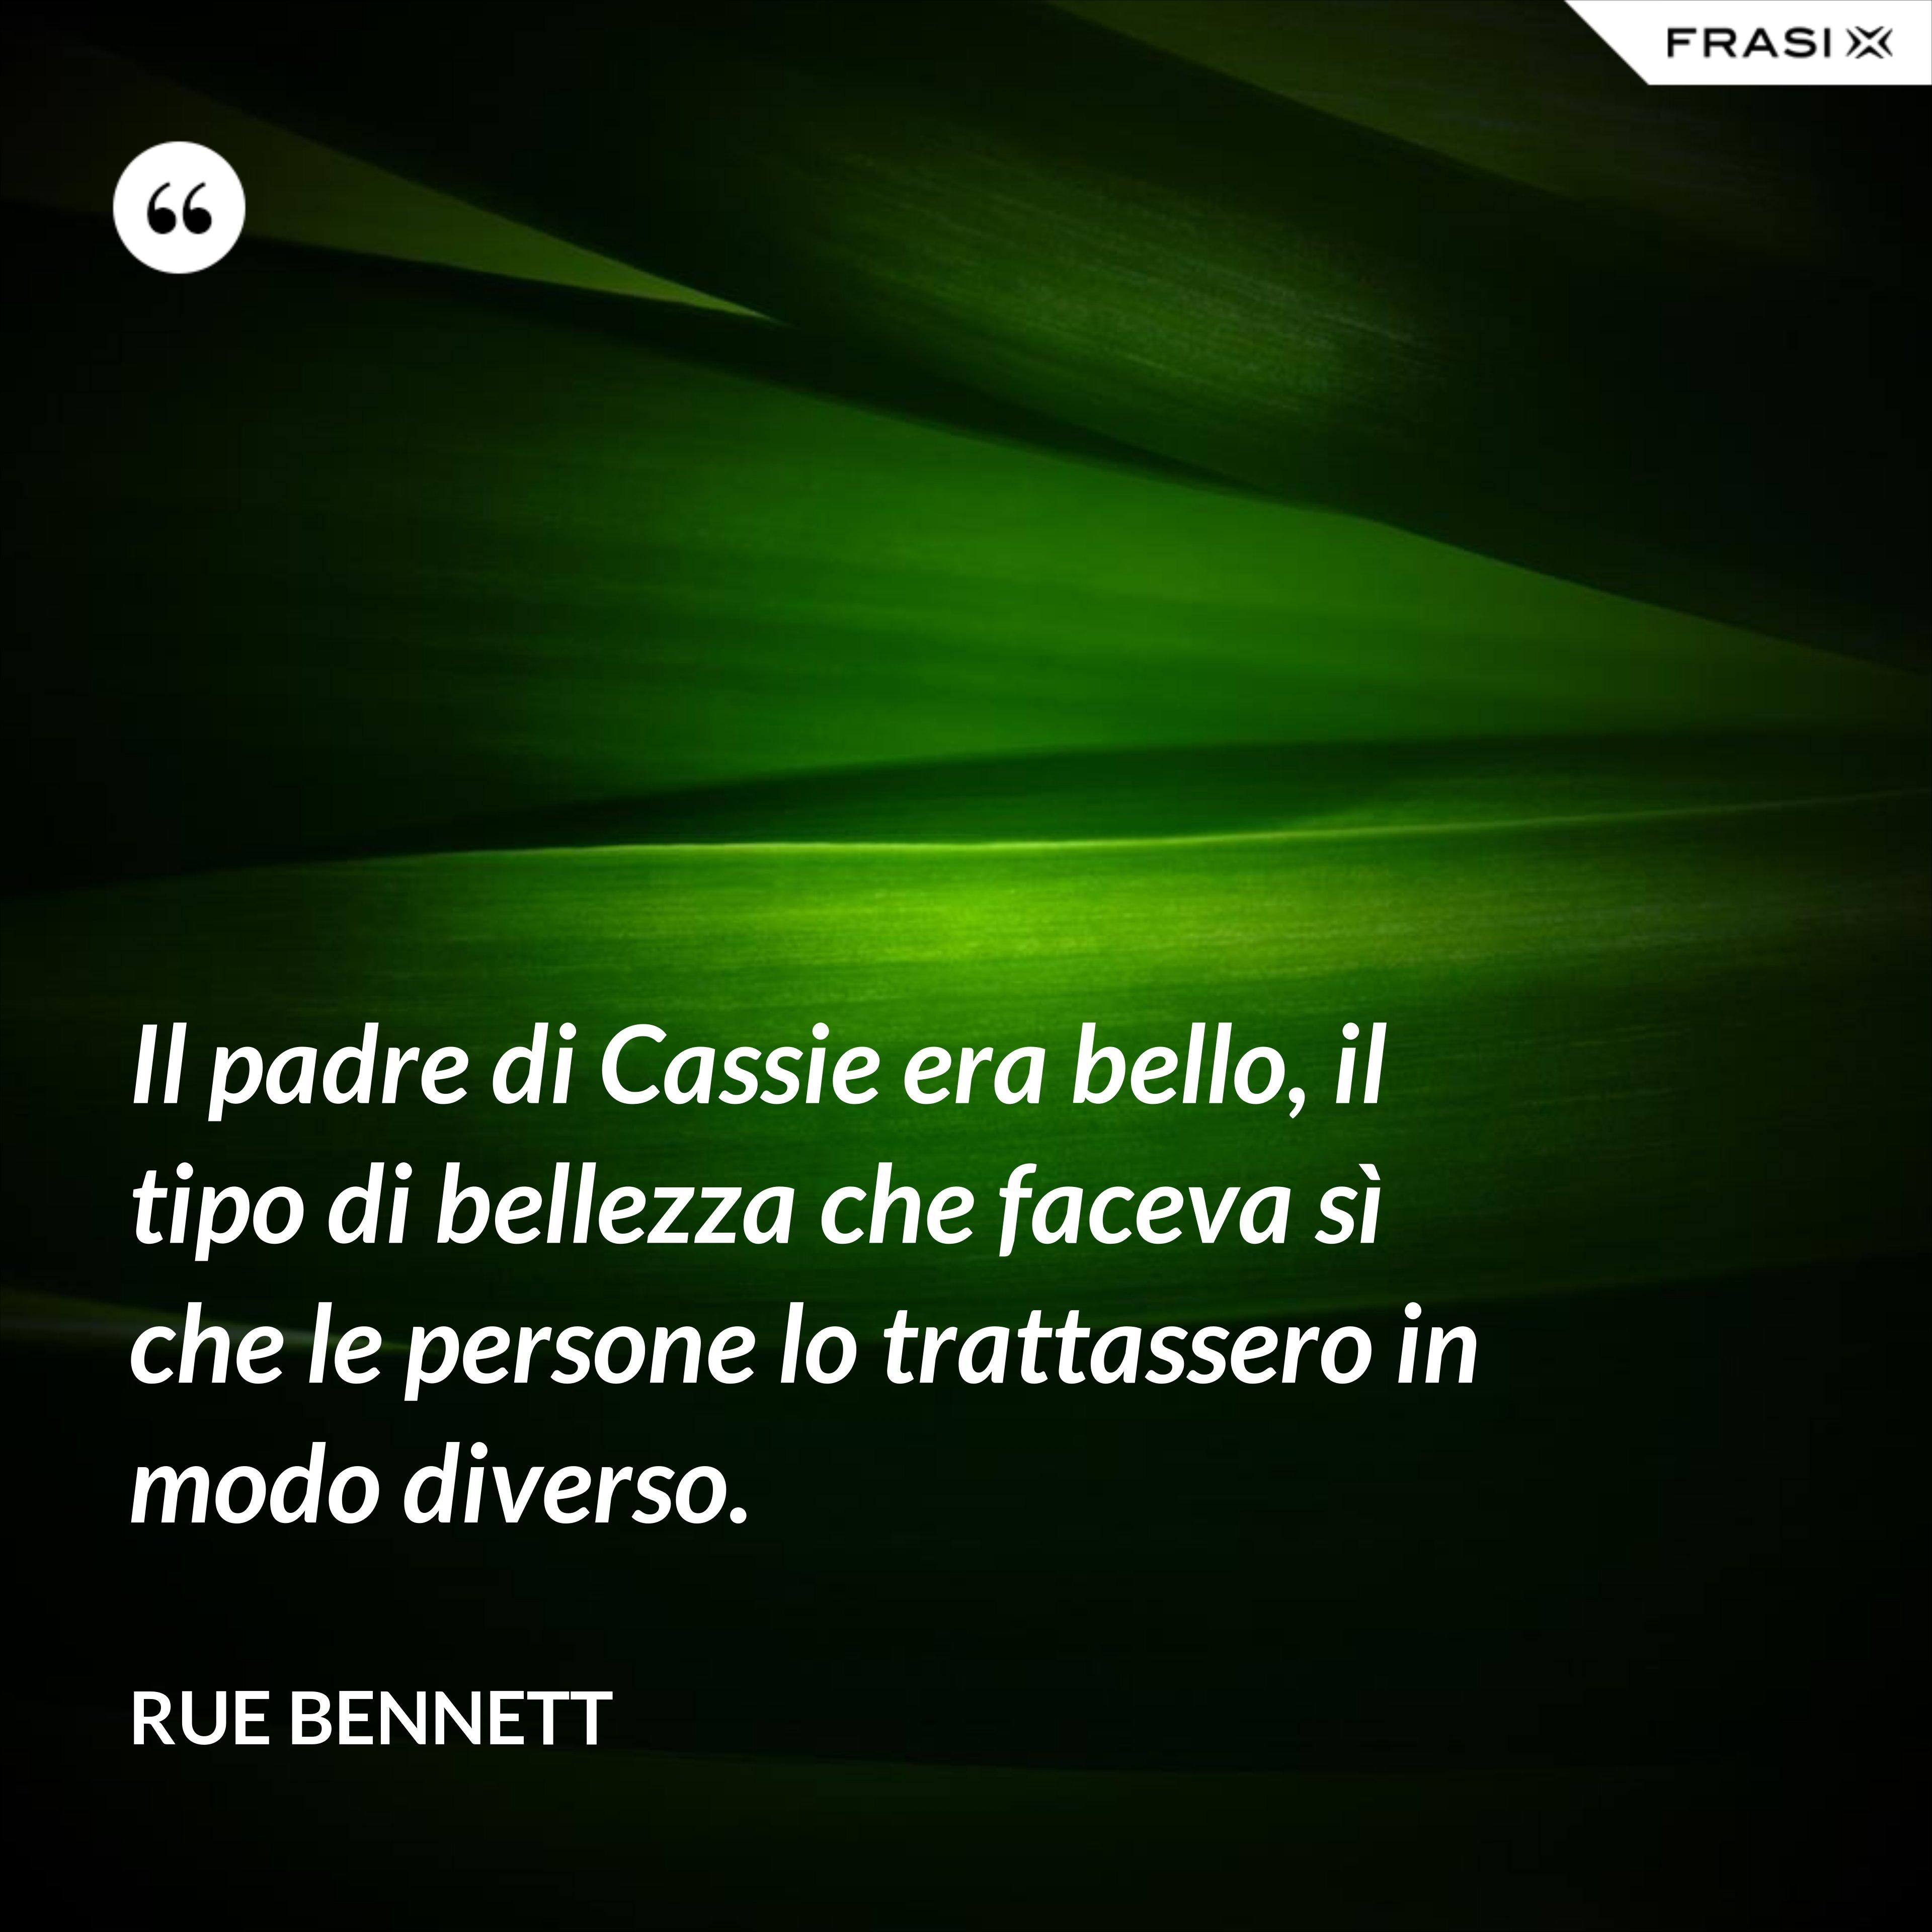 Il padre di Cassie era bello, il tipo di bellezza che faceva sì che le persone lo trattassero in modo diverso. - Rue Bennett